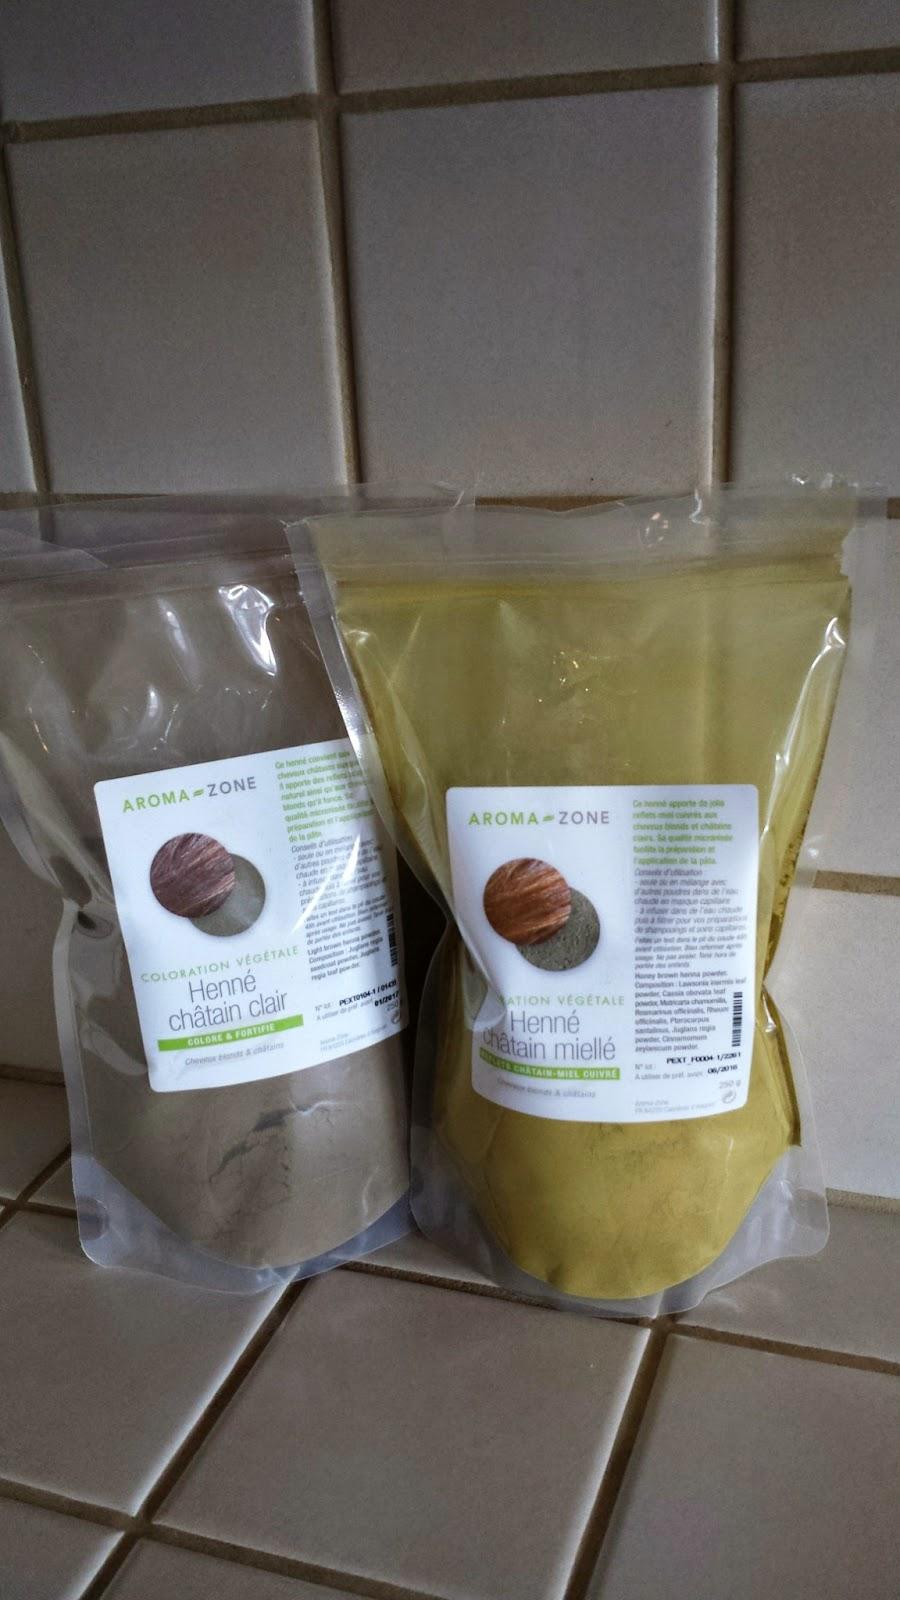 me voici encore sur le site de aroma zone et jhsite chtain miell chtain clair les 2 bon je prends les 2 avec lide de les combiner afin de - Coloration Henne Chatain Clair